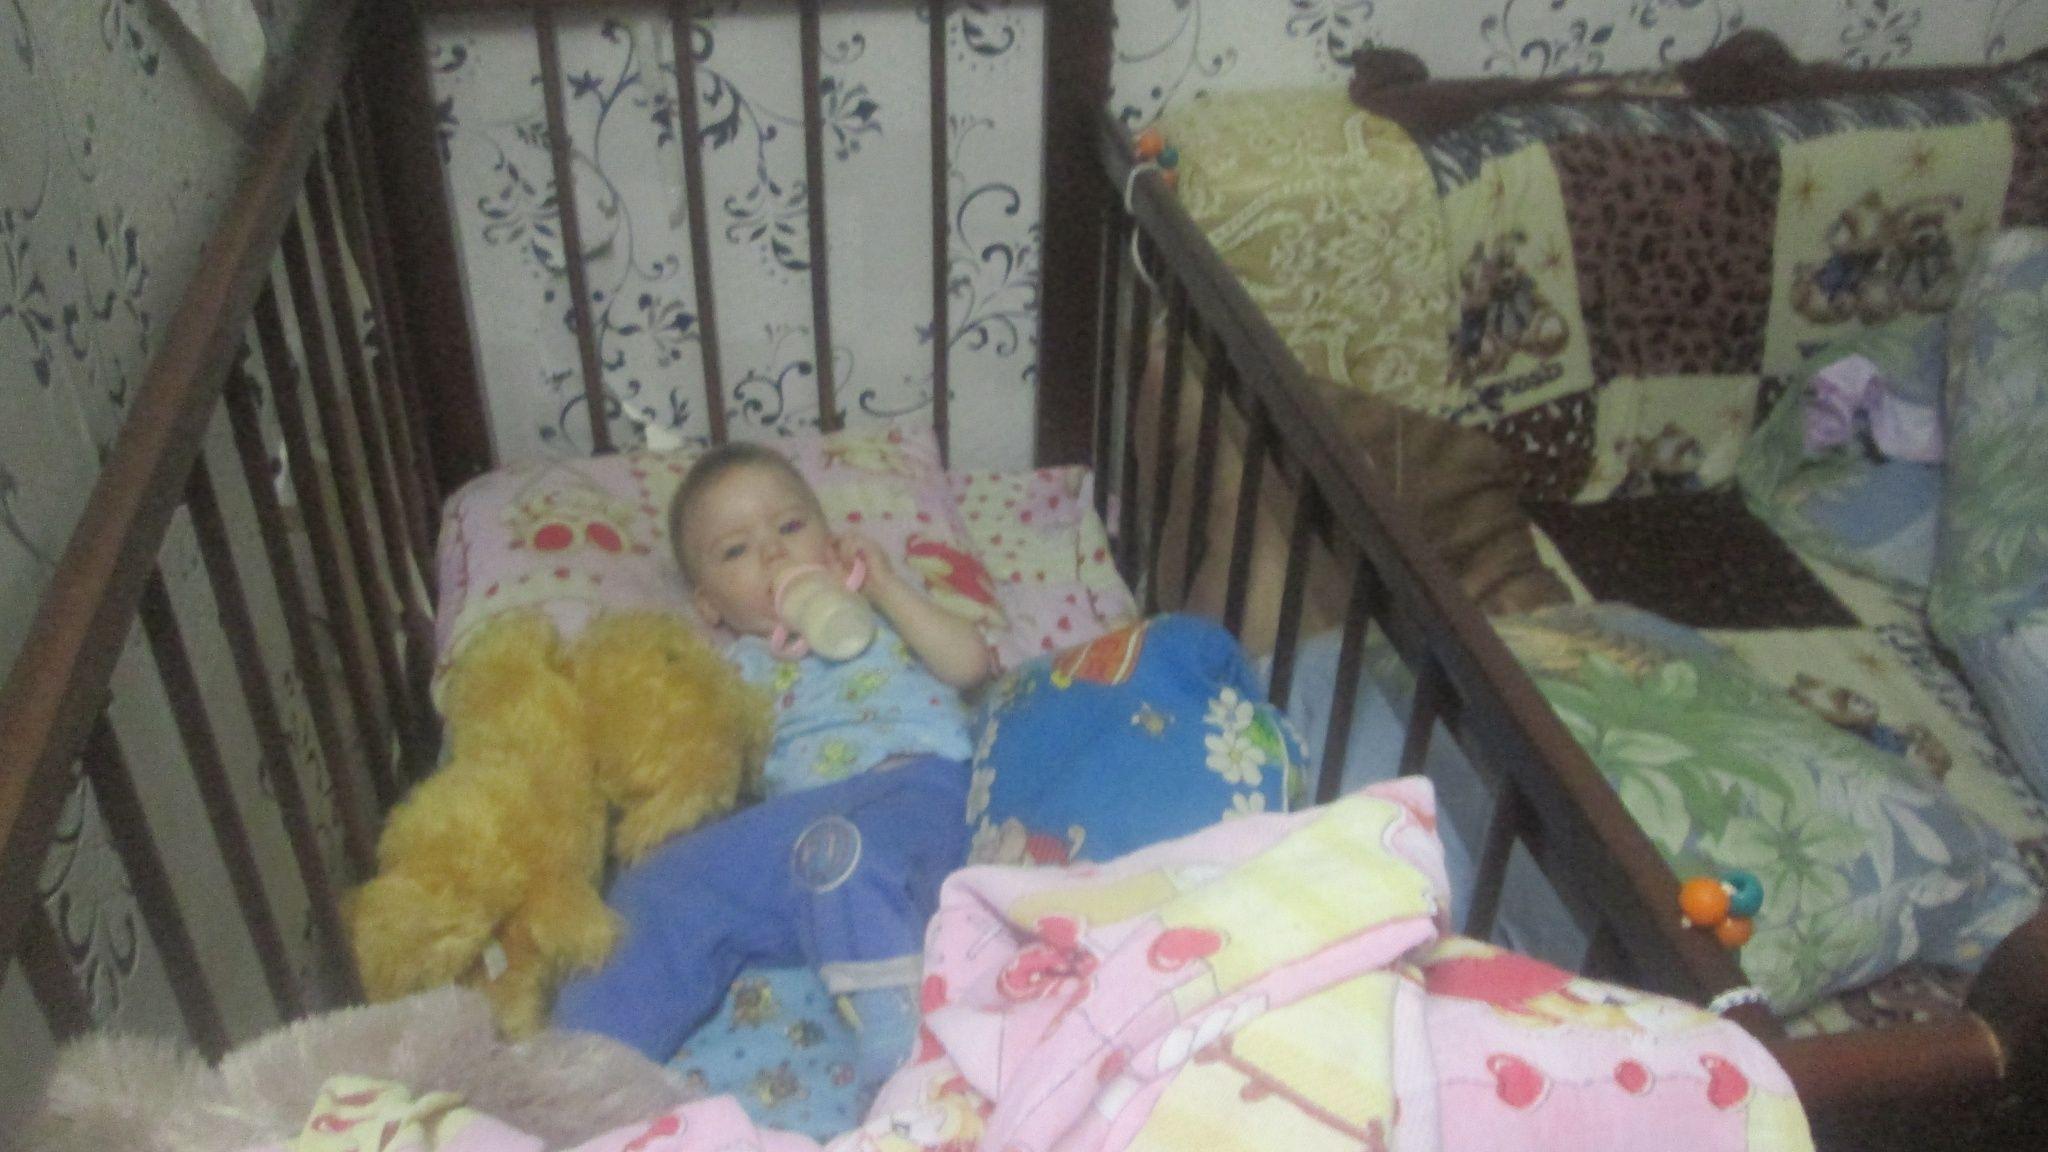 Фото детей из неблагополучной семьи